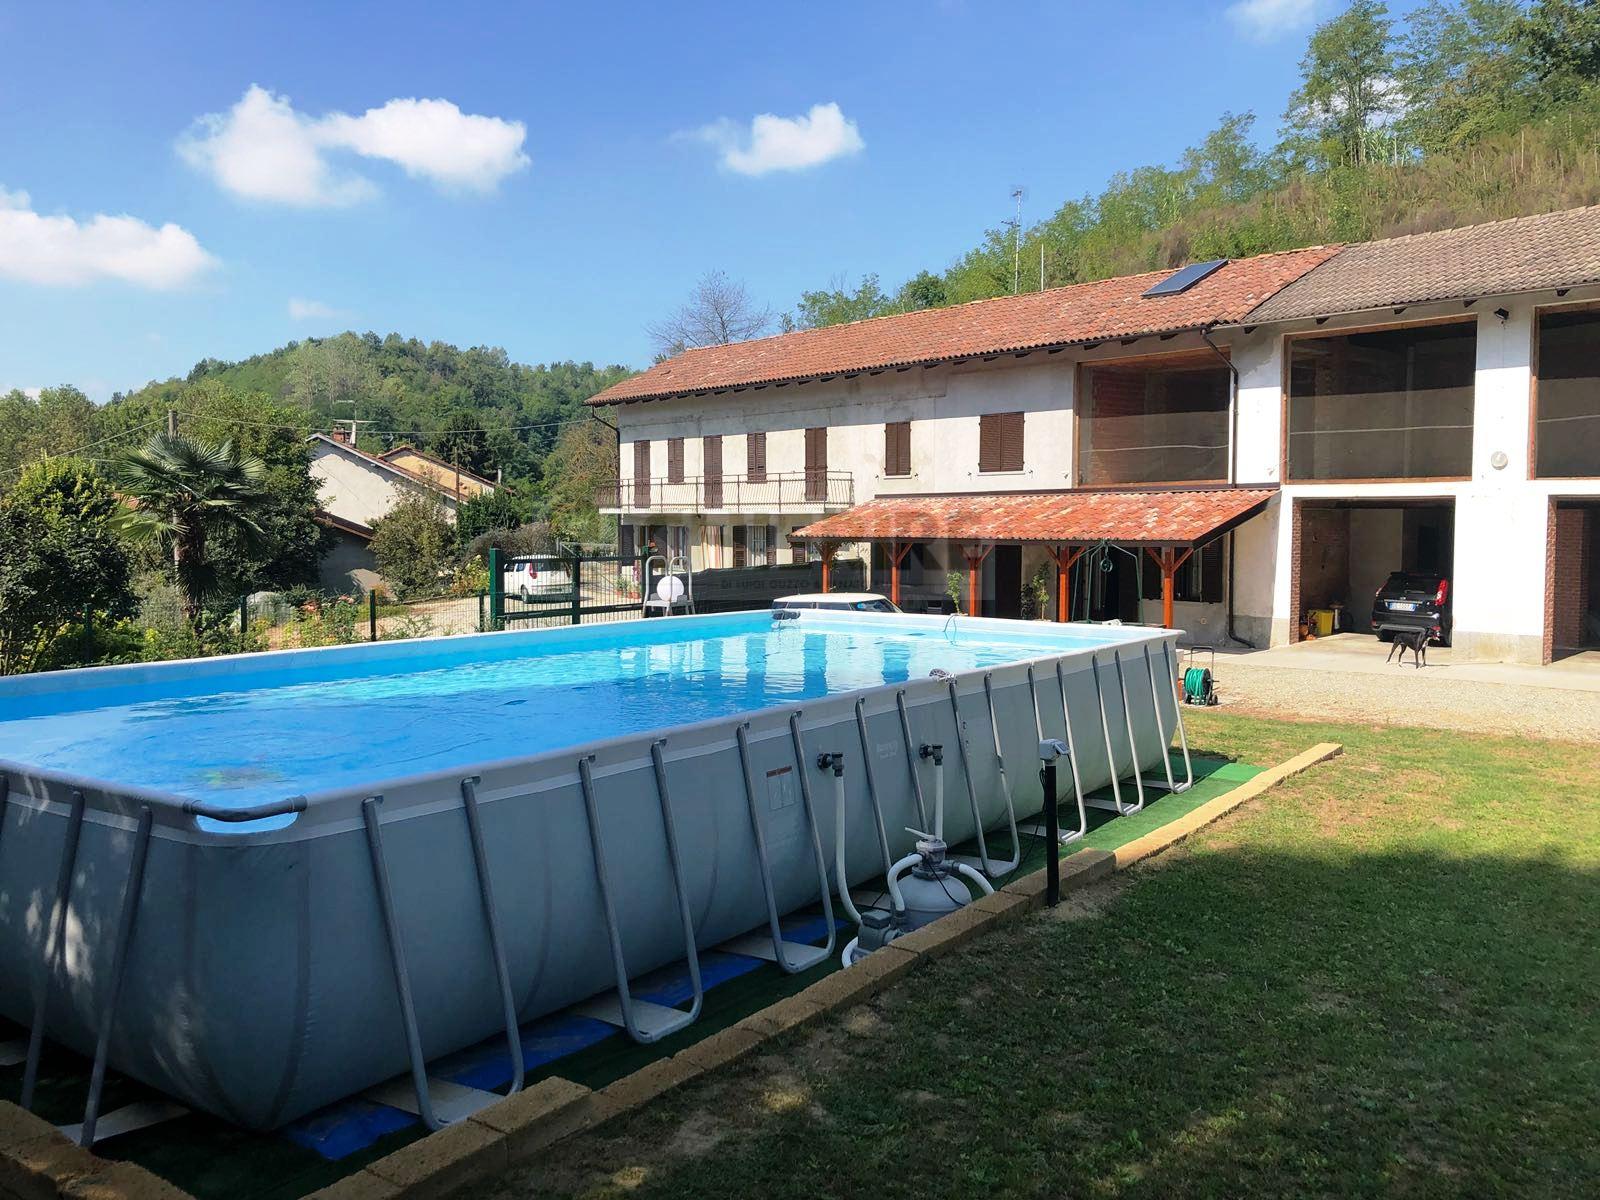 Rustico / Casale in vendita a Frinco, 9 locali, zona Località: SanDefendente, prezzo € 195.000 | CambioCasa.it